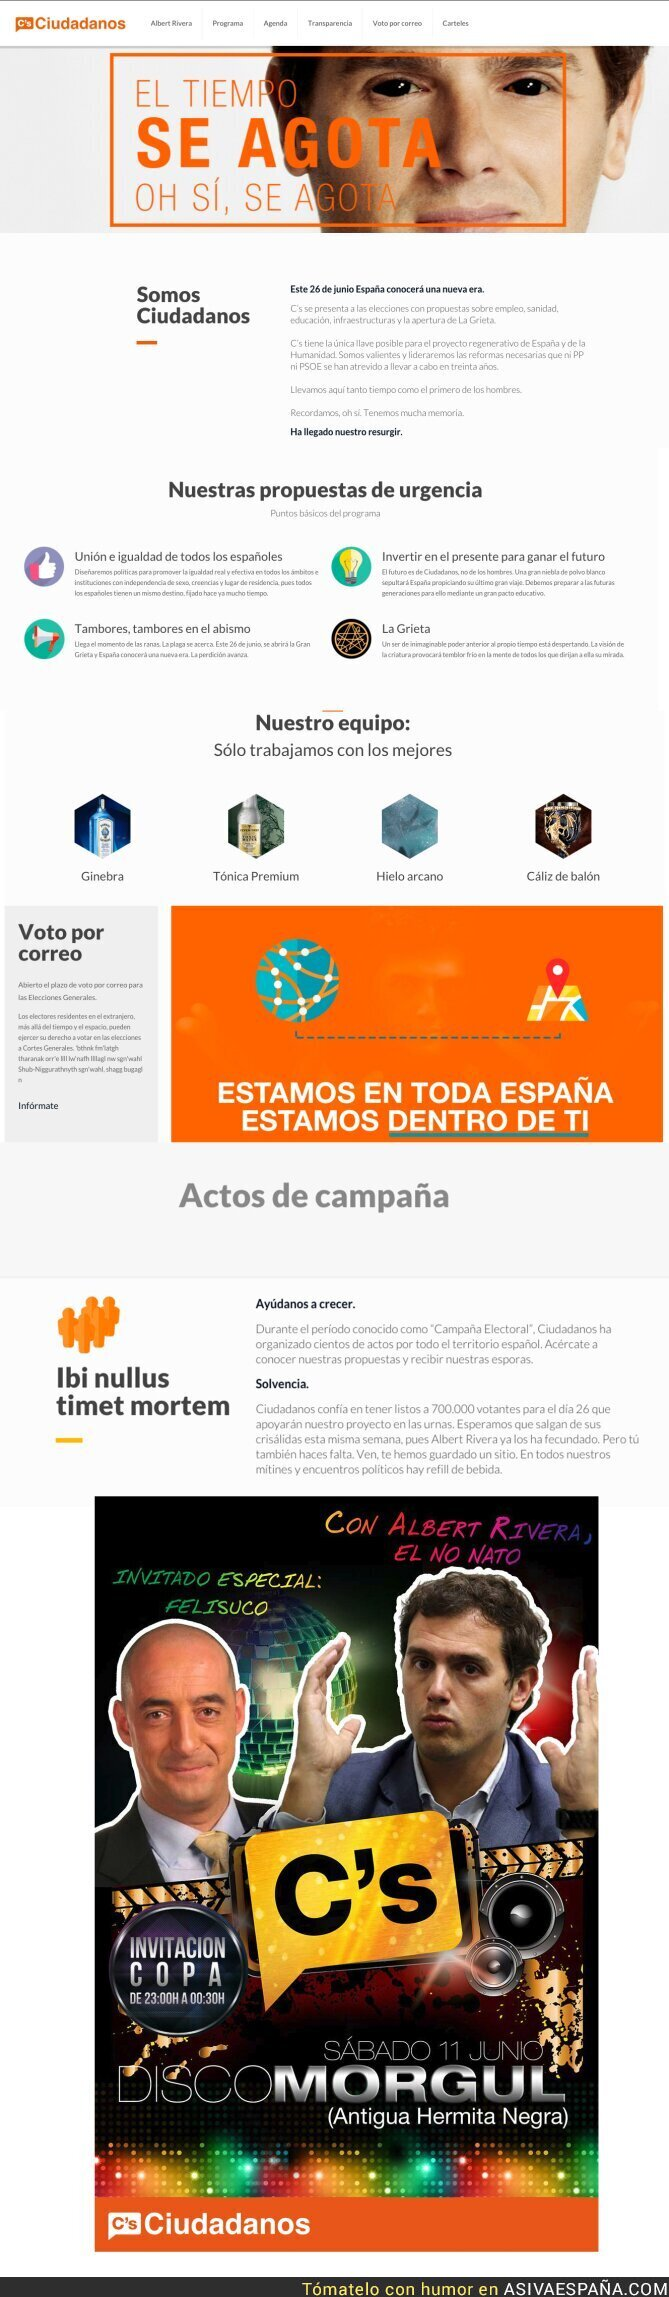 46052 - Crean una web de Ciudadanos muy flipante para las elecciones del 26J